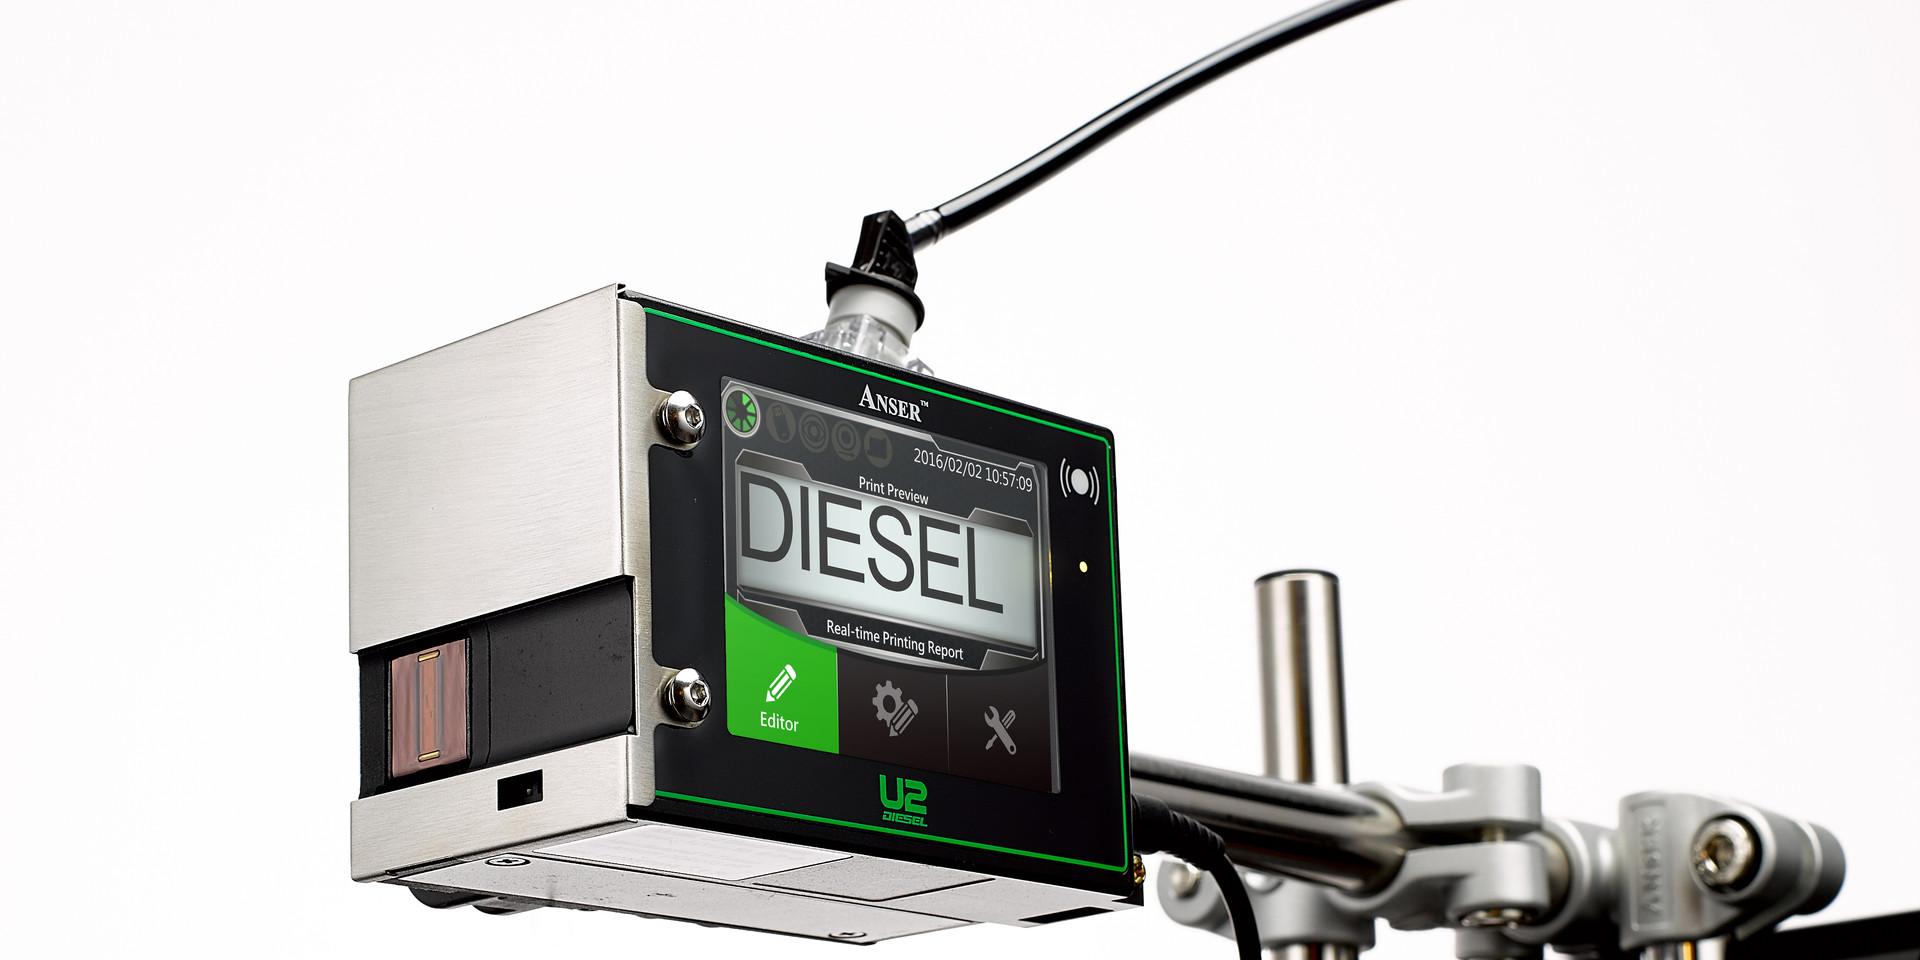 ANSER U2 diesel.jpg